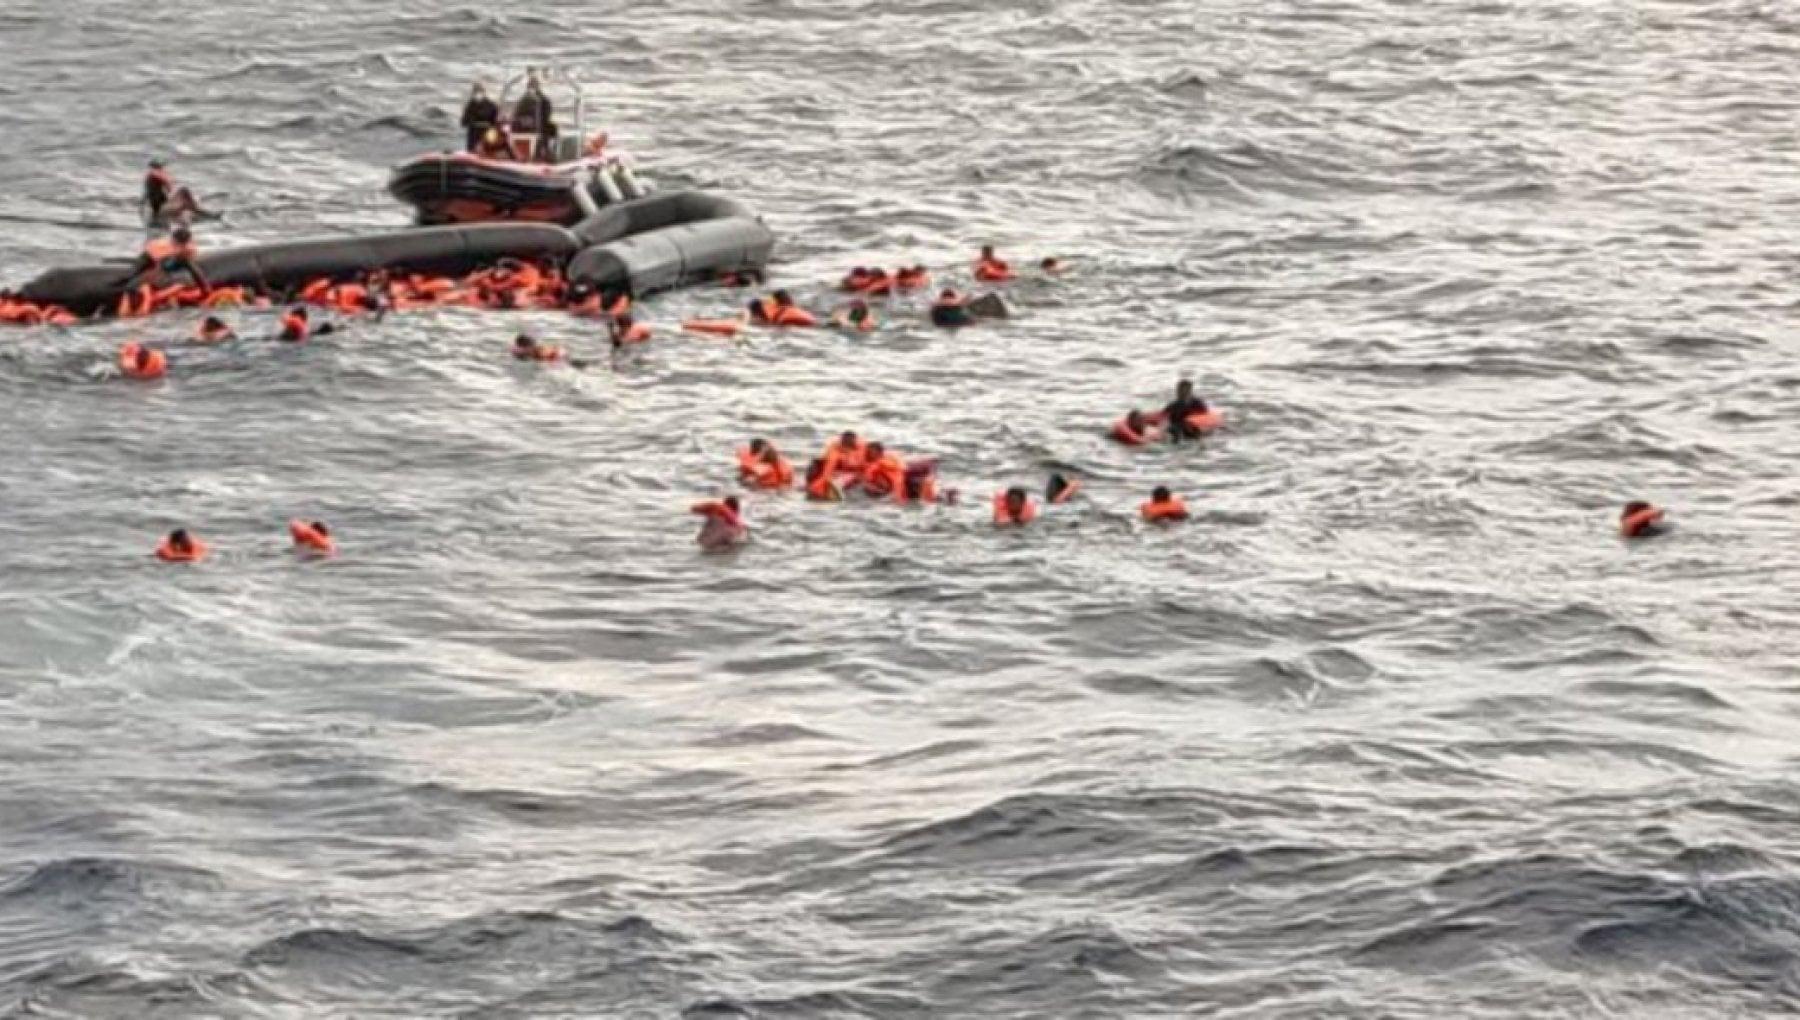 Migranti gommone affonda nel Mediterraneo. Centinaia di persone in acqua i volontari di Open Arms si tuffano per salvarli